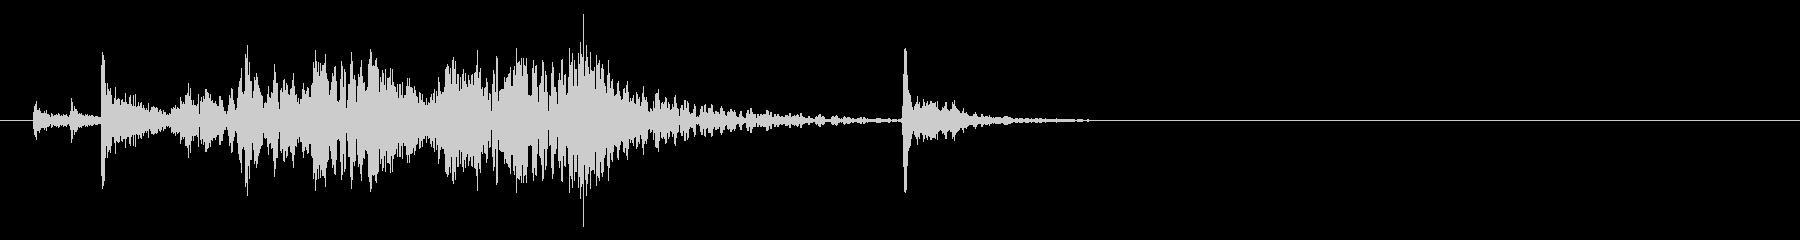 和太鼓ソロによるジングル01の未再生の波形